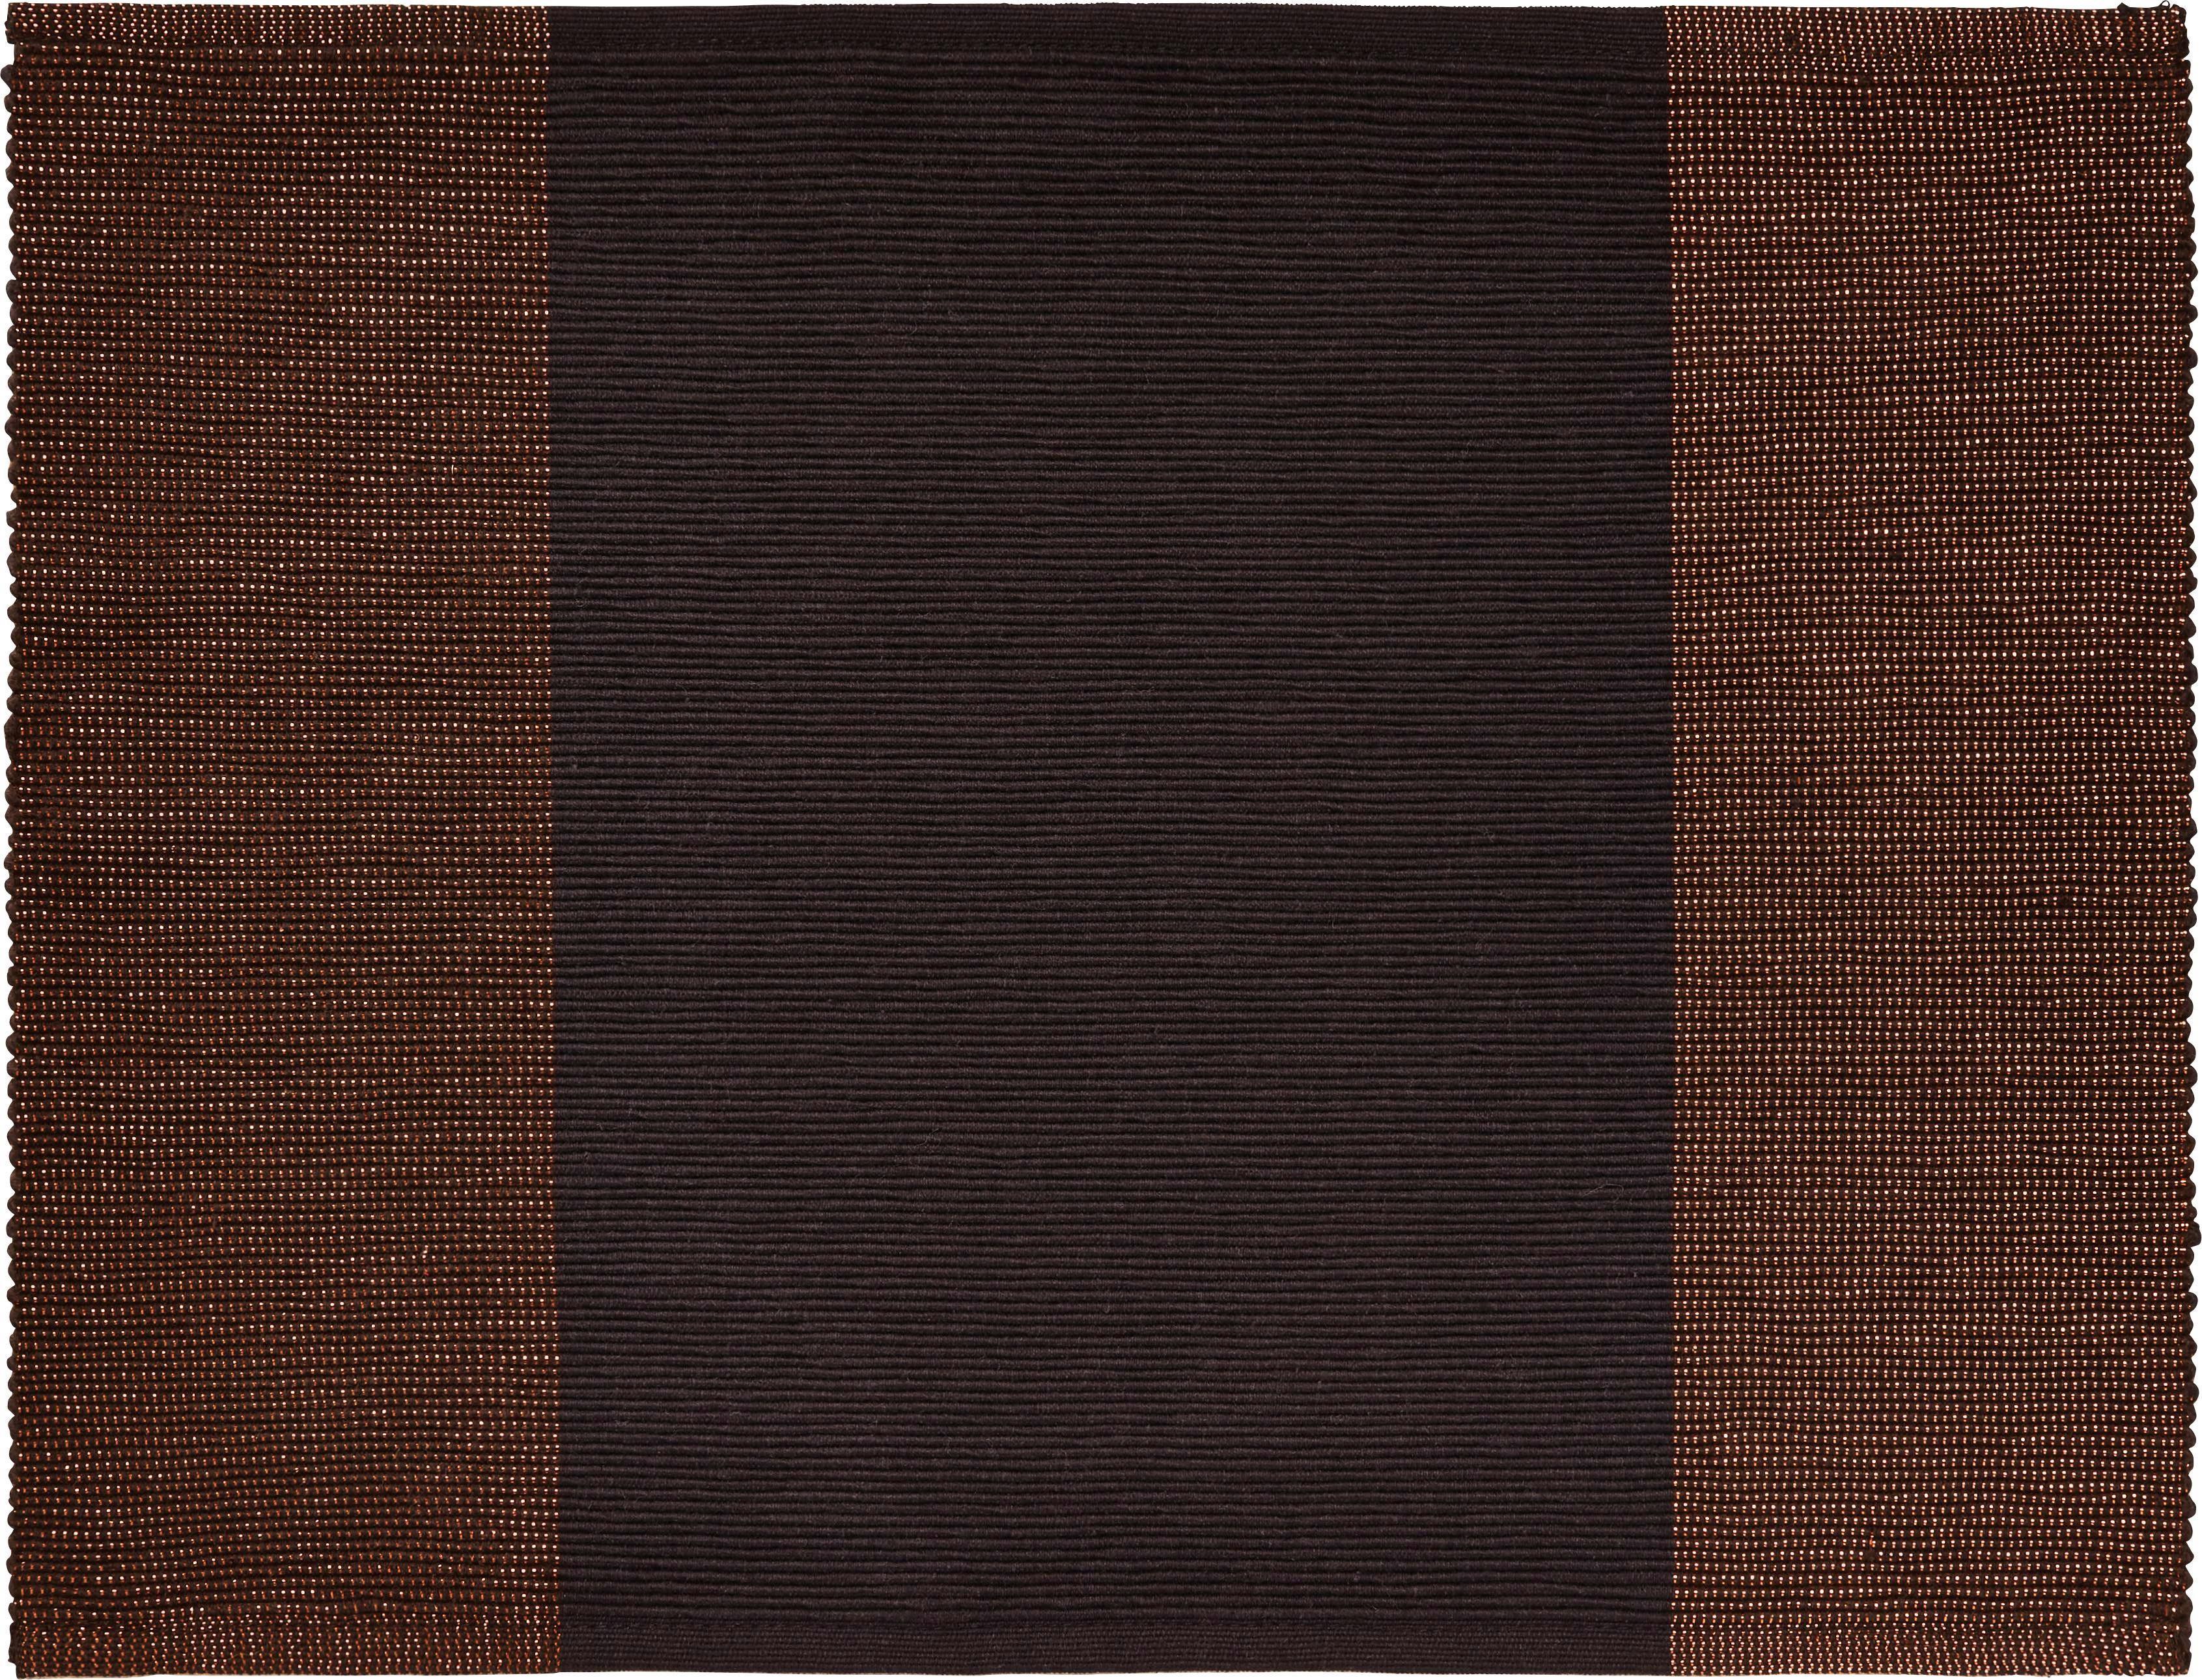 Tischset Brando in Schwarz/braun - Schwarz/Kupferfarben, LIFESTYLE, Textil (33/45cm) - MÖMAX modern living